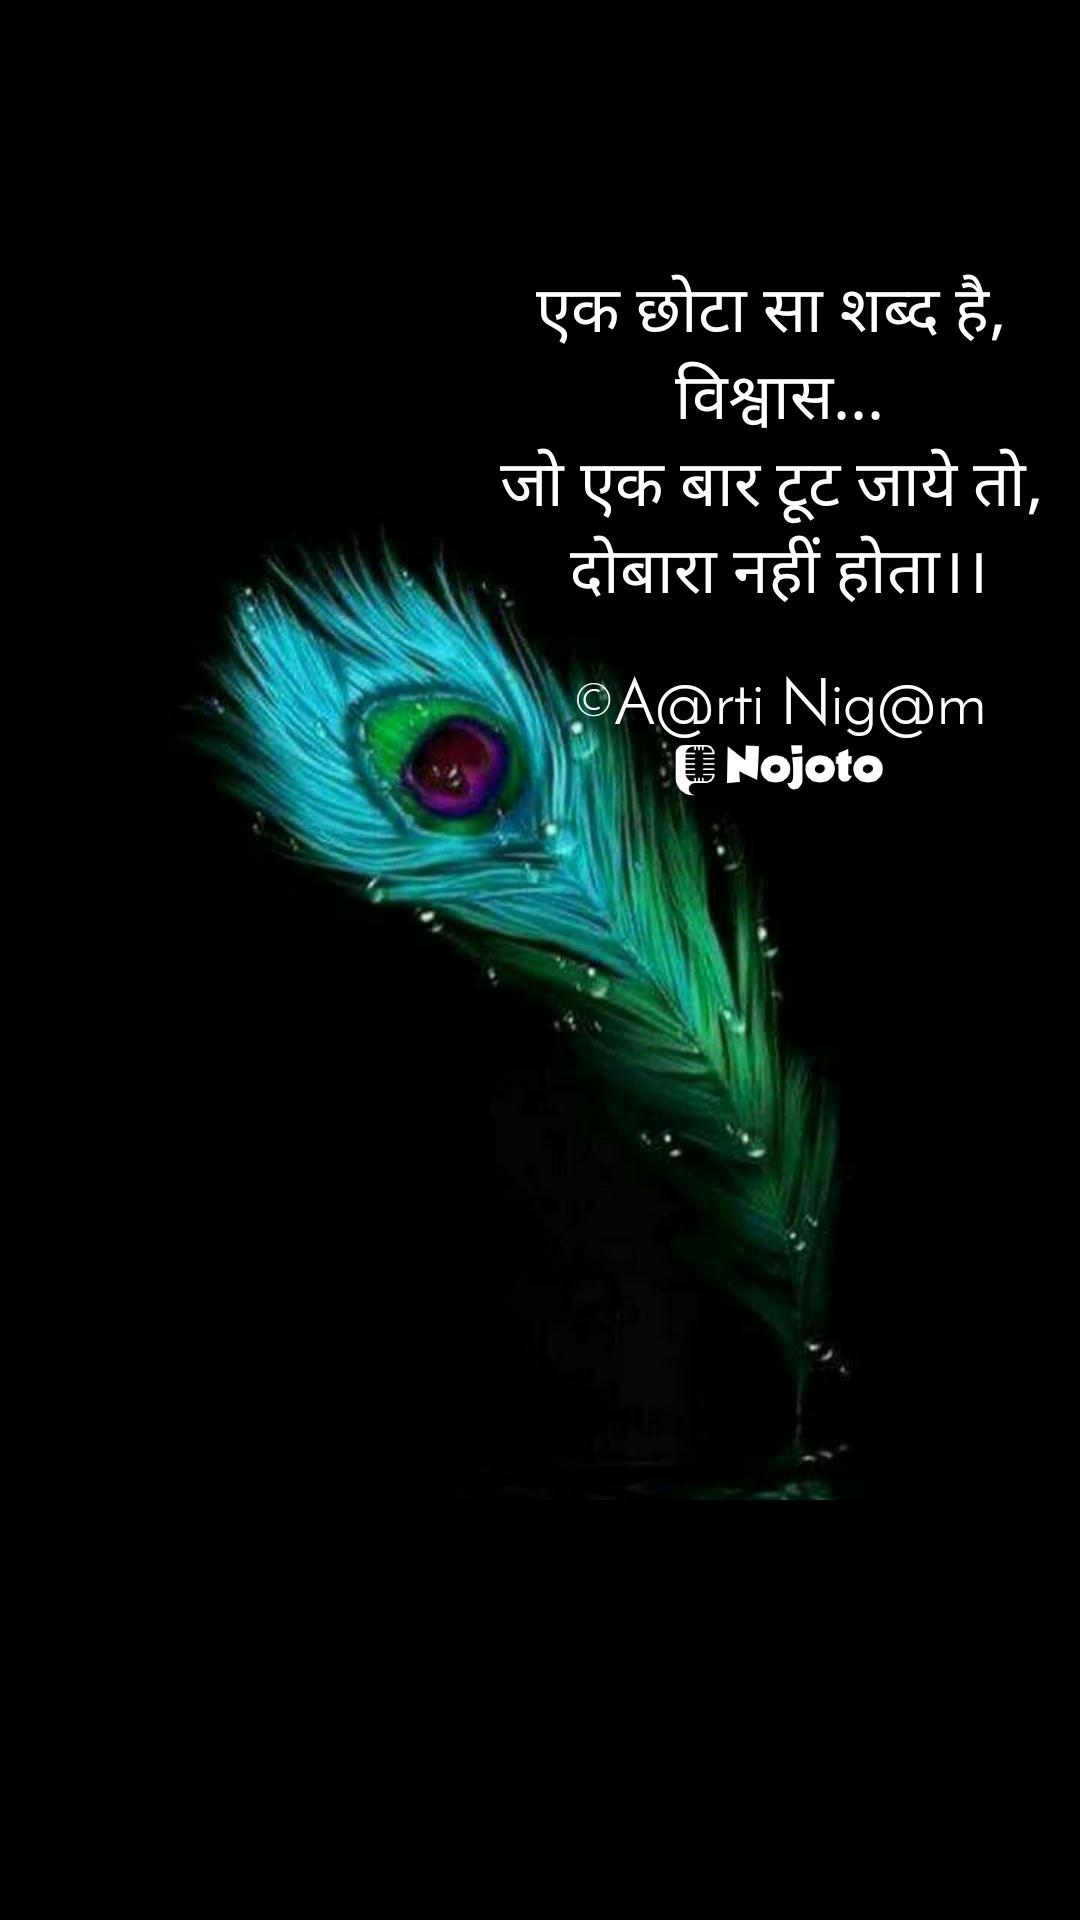 एक छोटा सा शब्द है,  विश्वास... जो एक बार टूट जाये तो,  दोबारा नहीं होता।।  ©A@rti Nig@m